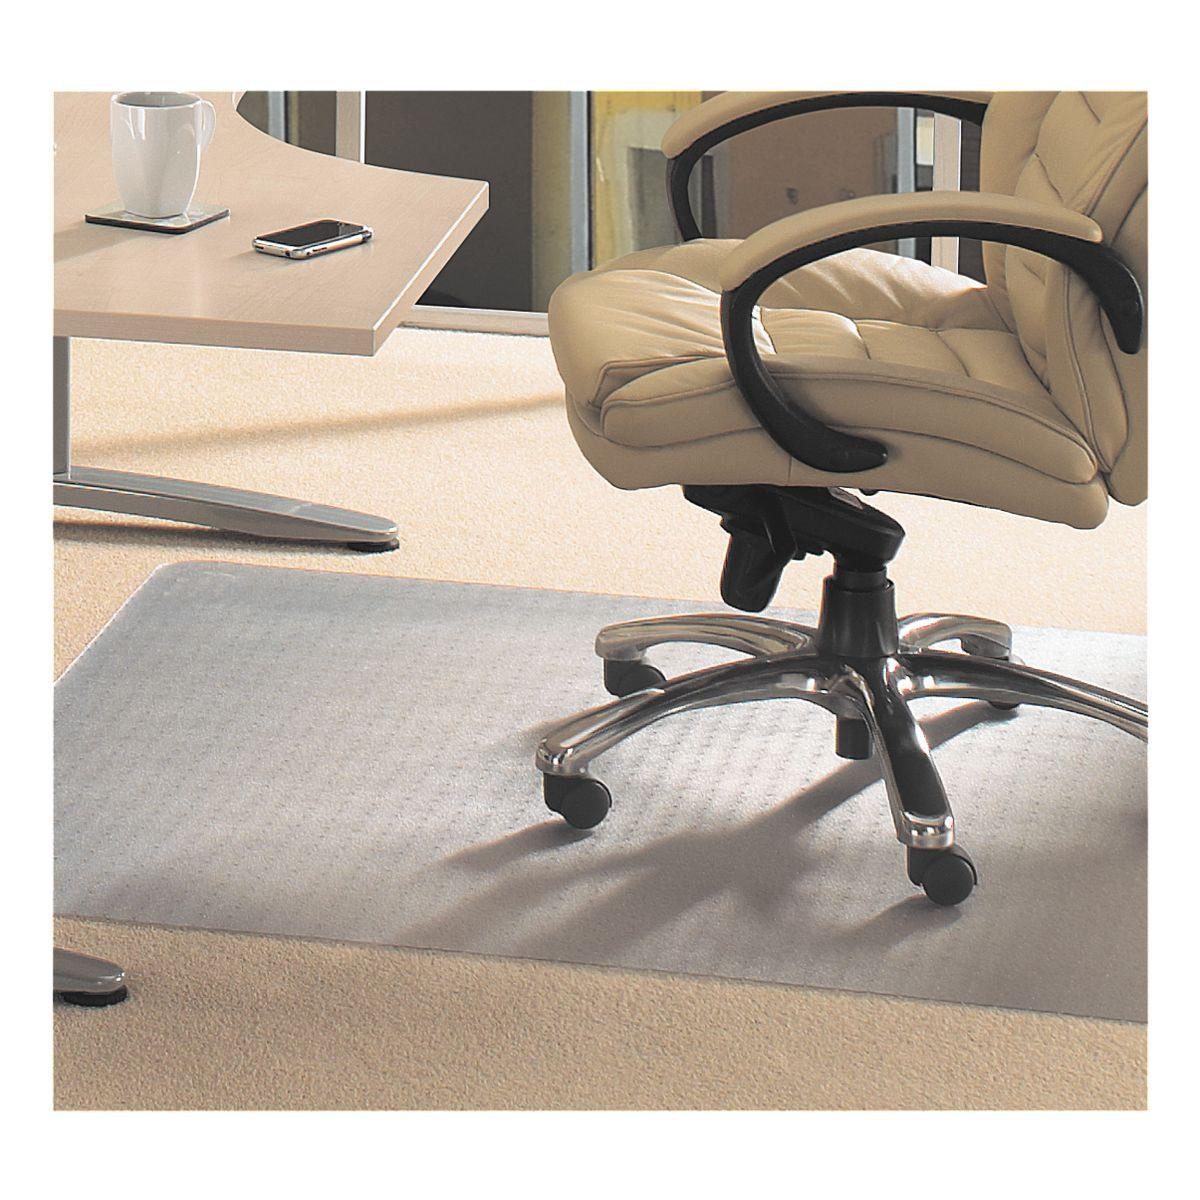 FLOORTEX Bodenschutzmatte 120x90 cm, rechteckig, für mittelflorig... »Evolutionmat«